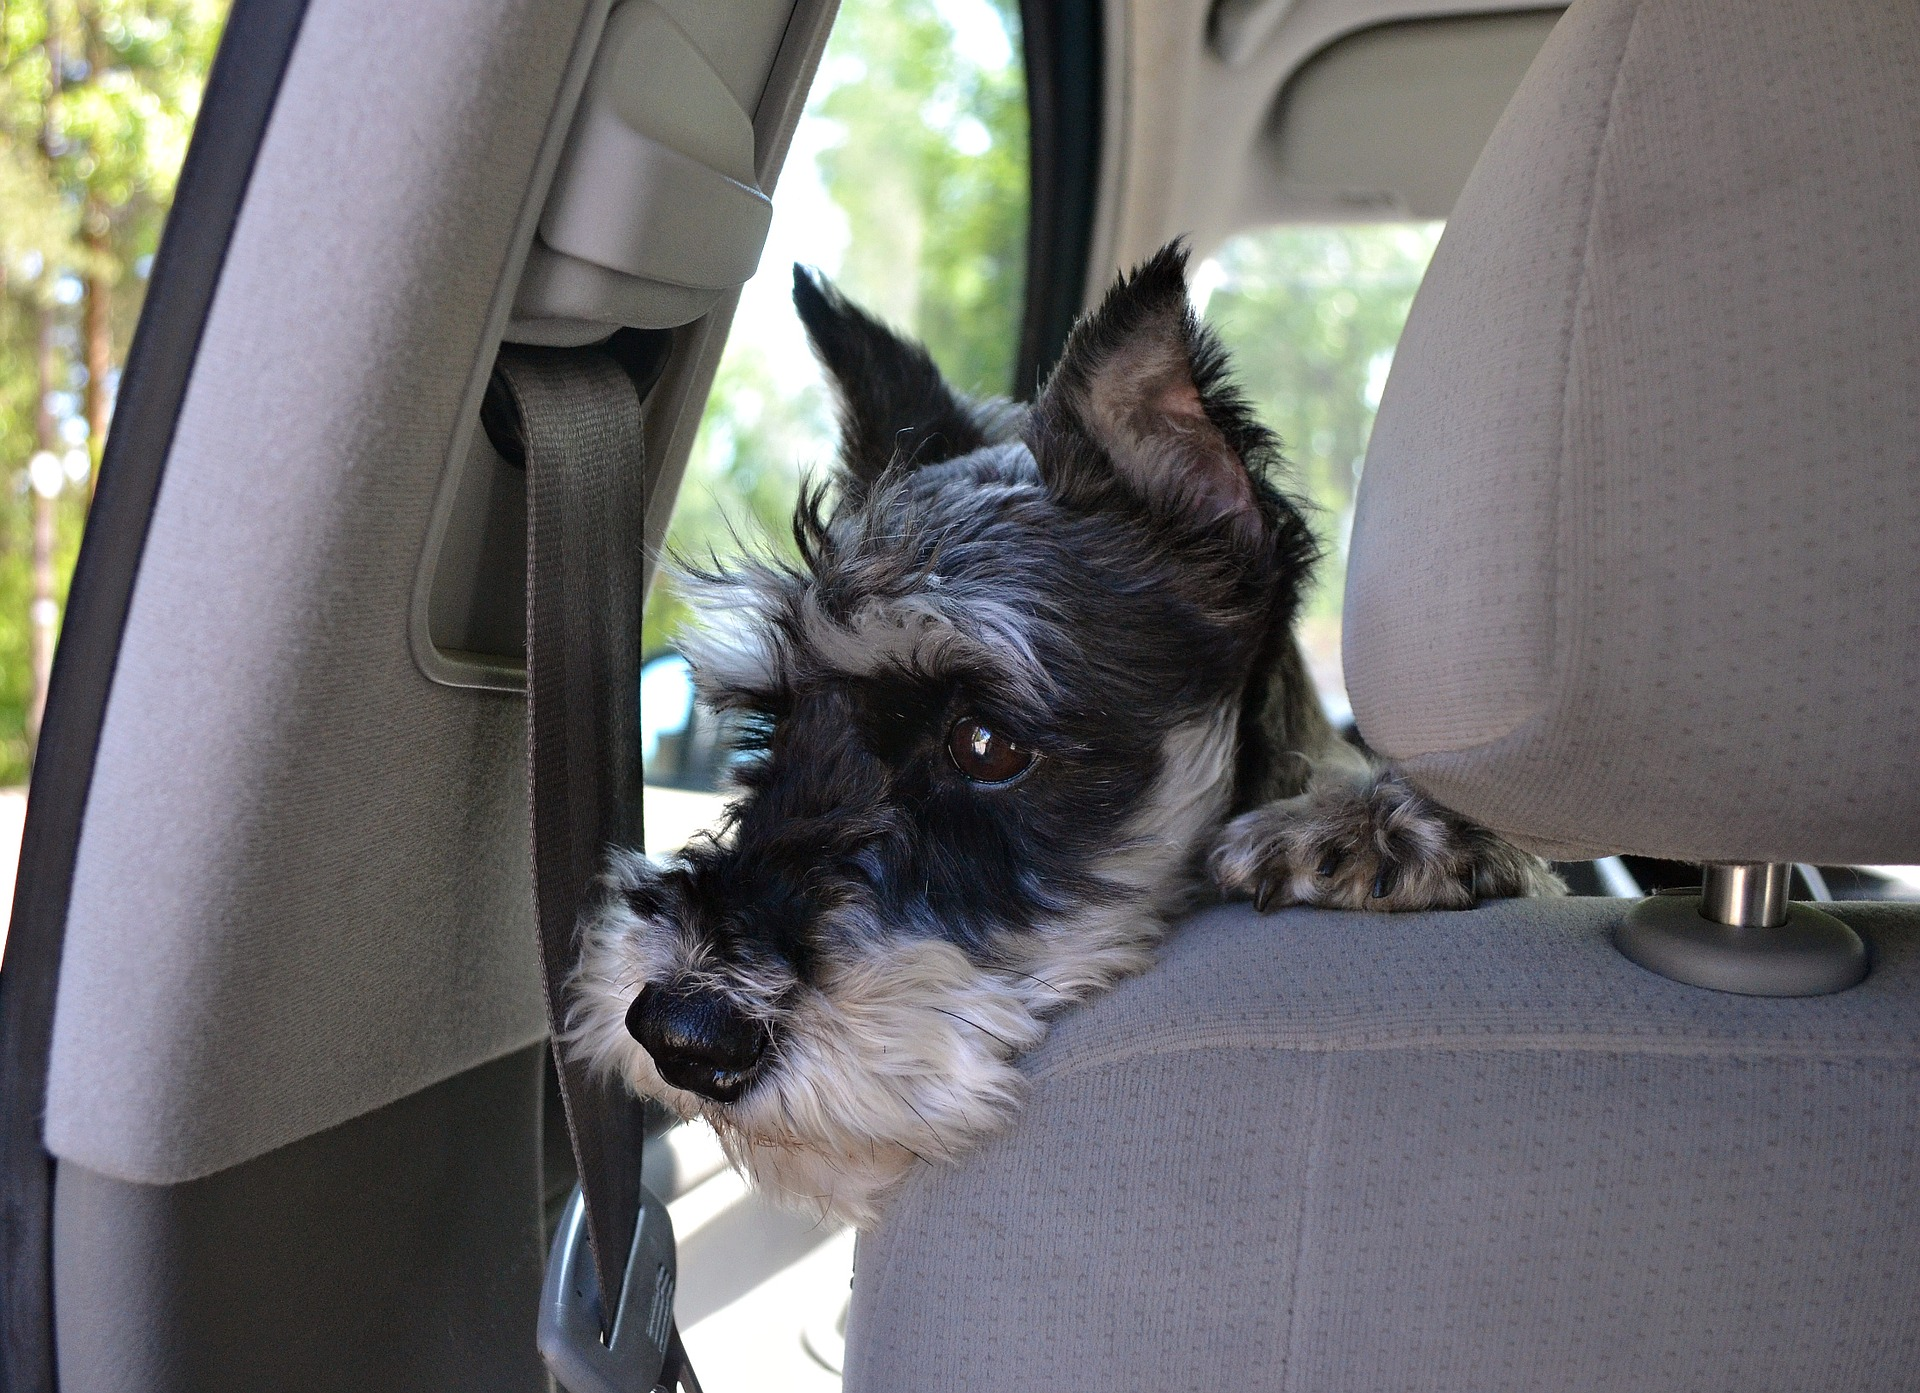 Везем питомцев на дачу: как правильно разместить домашних животных в авто?